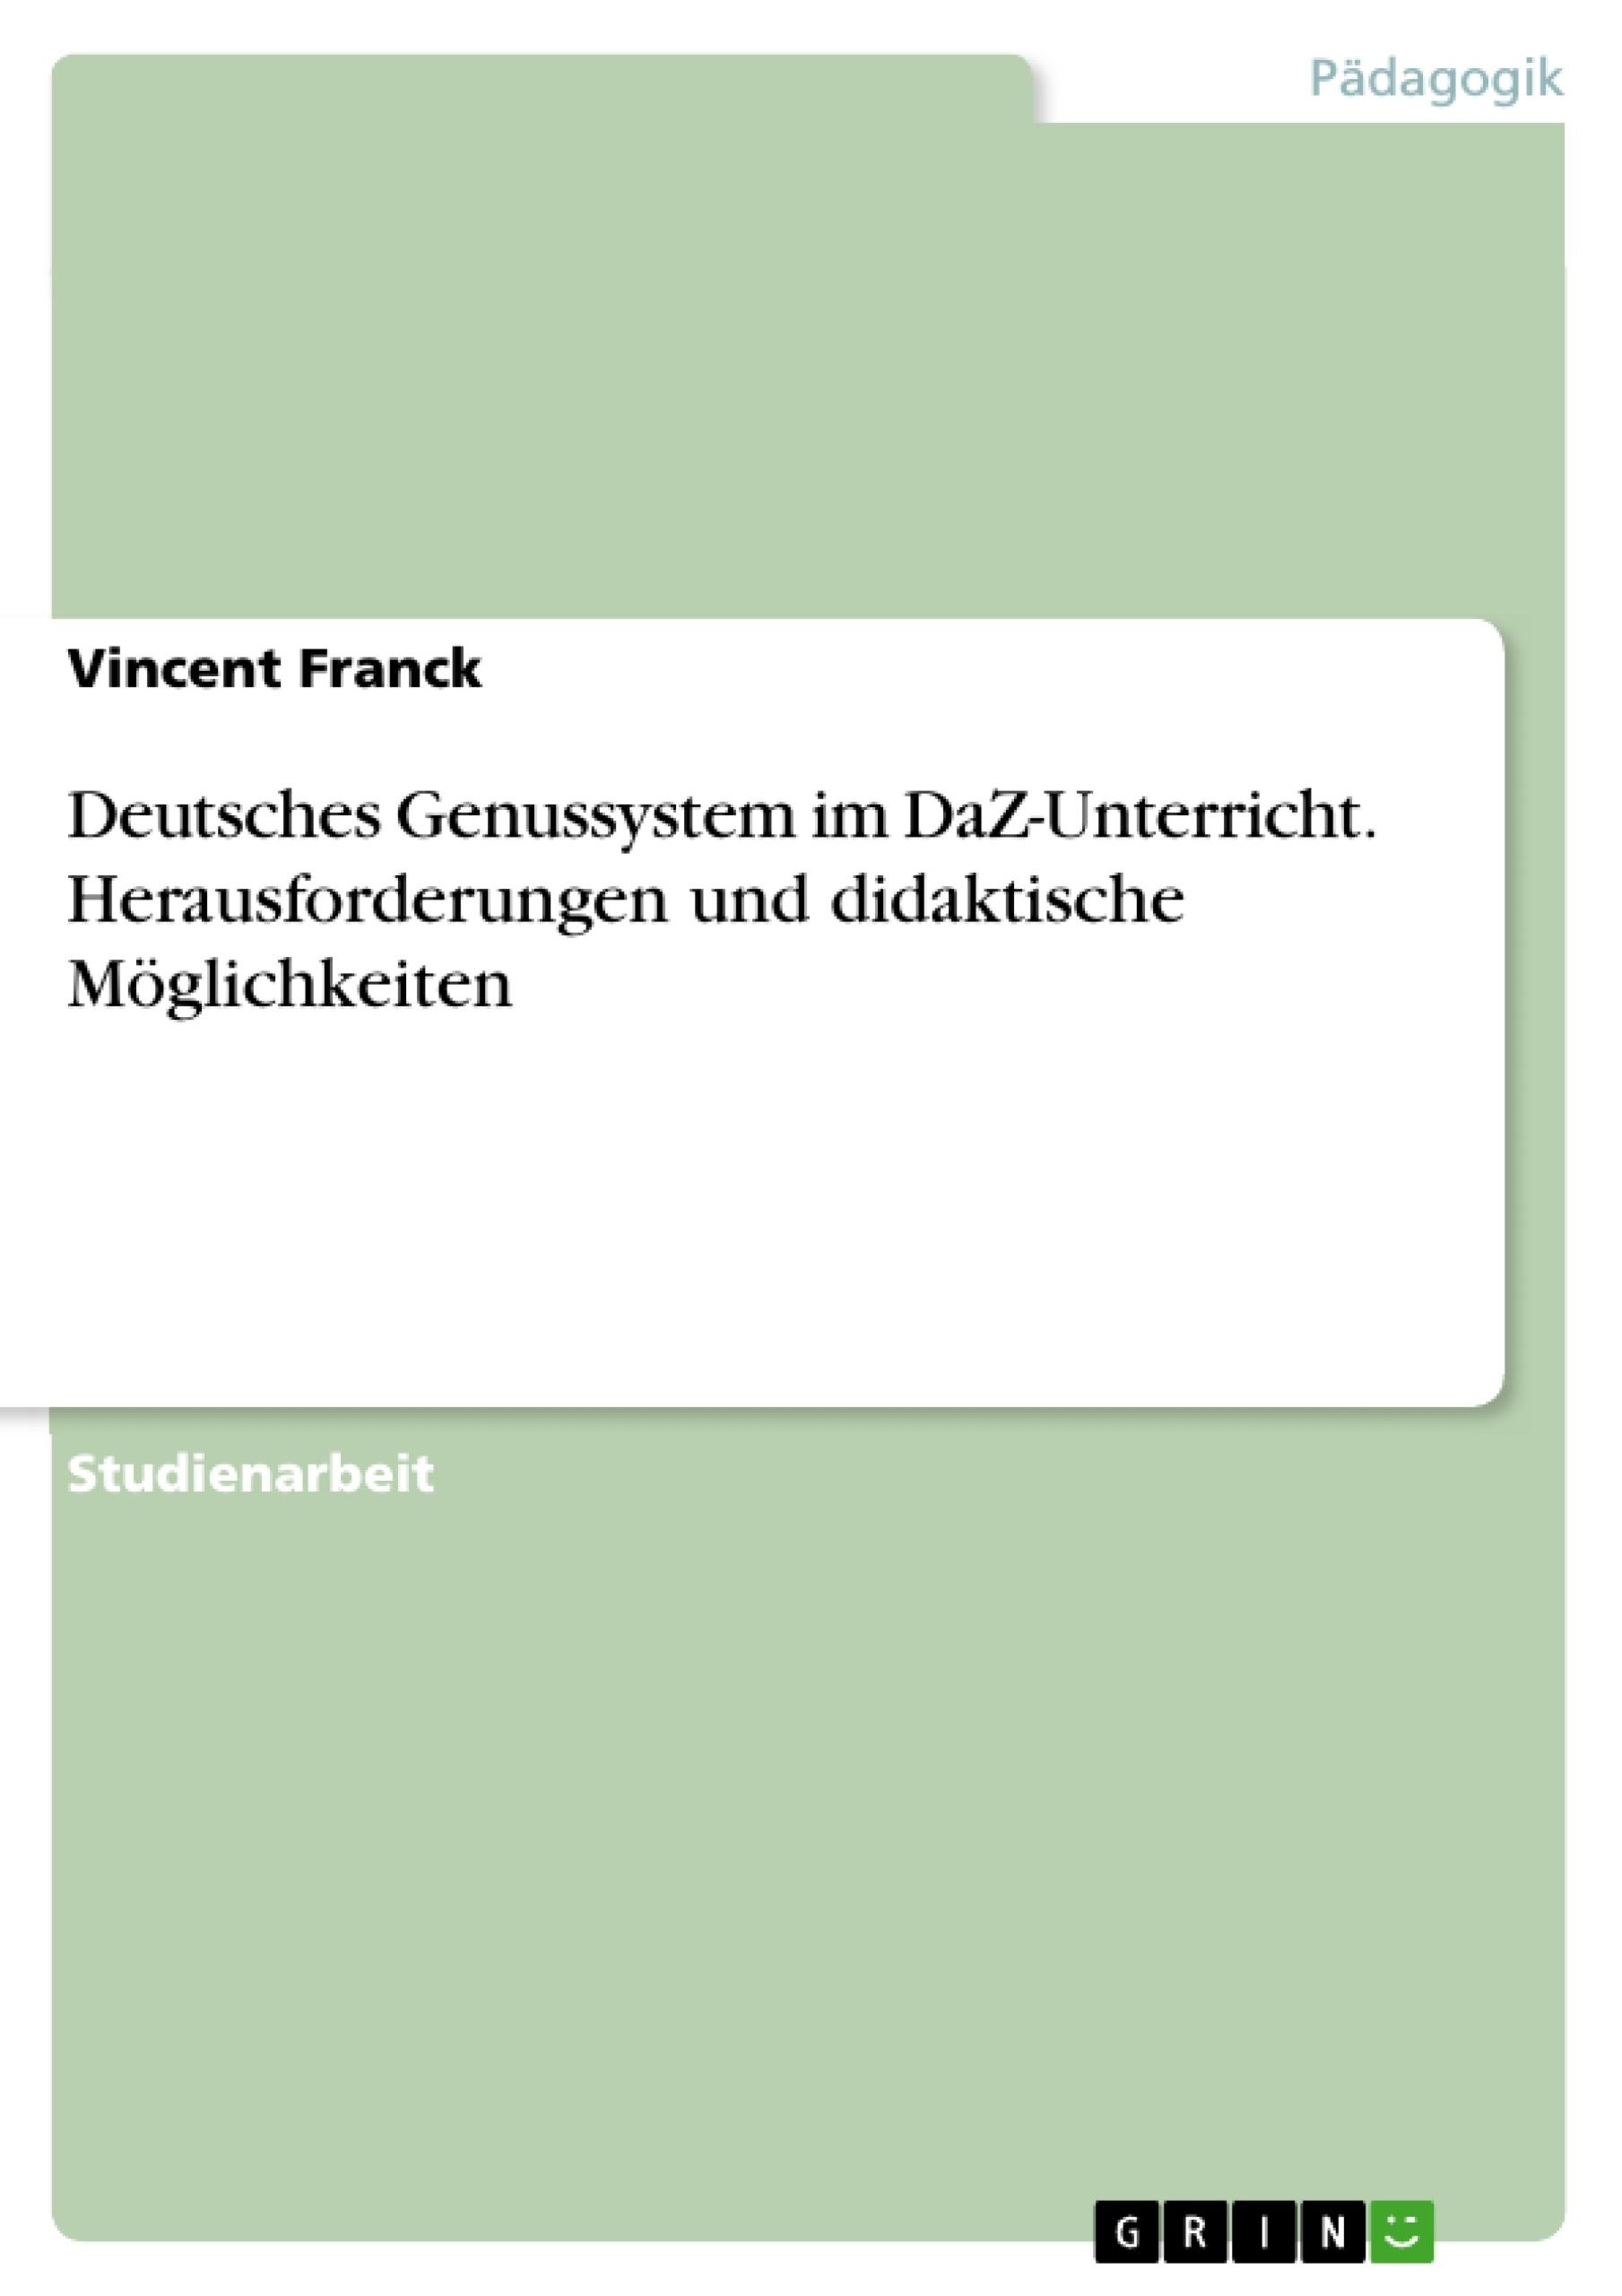 Titel: Deutsches Genussystem im DaZ-Unterricht. Herausforderungen und didaktische Möglichkeiten